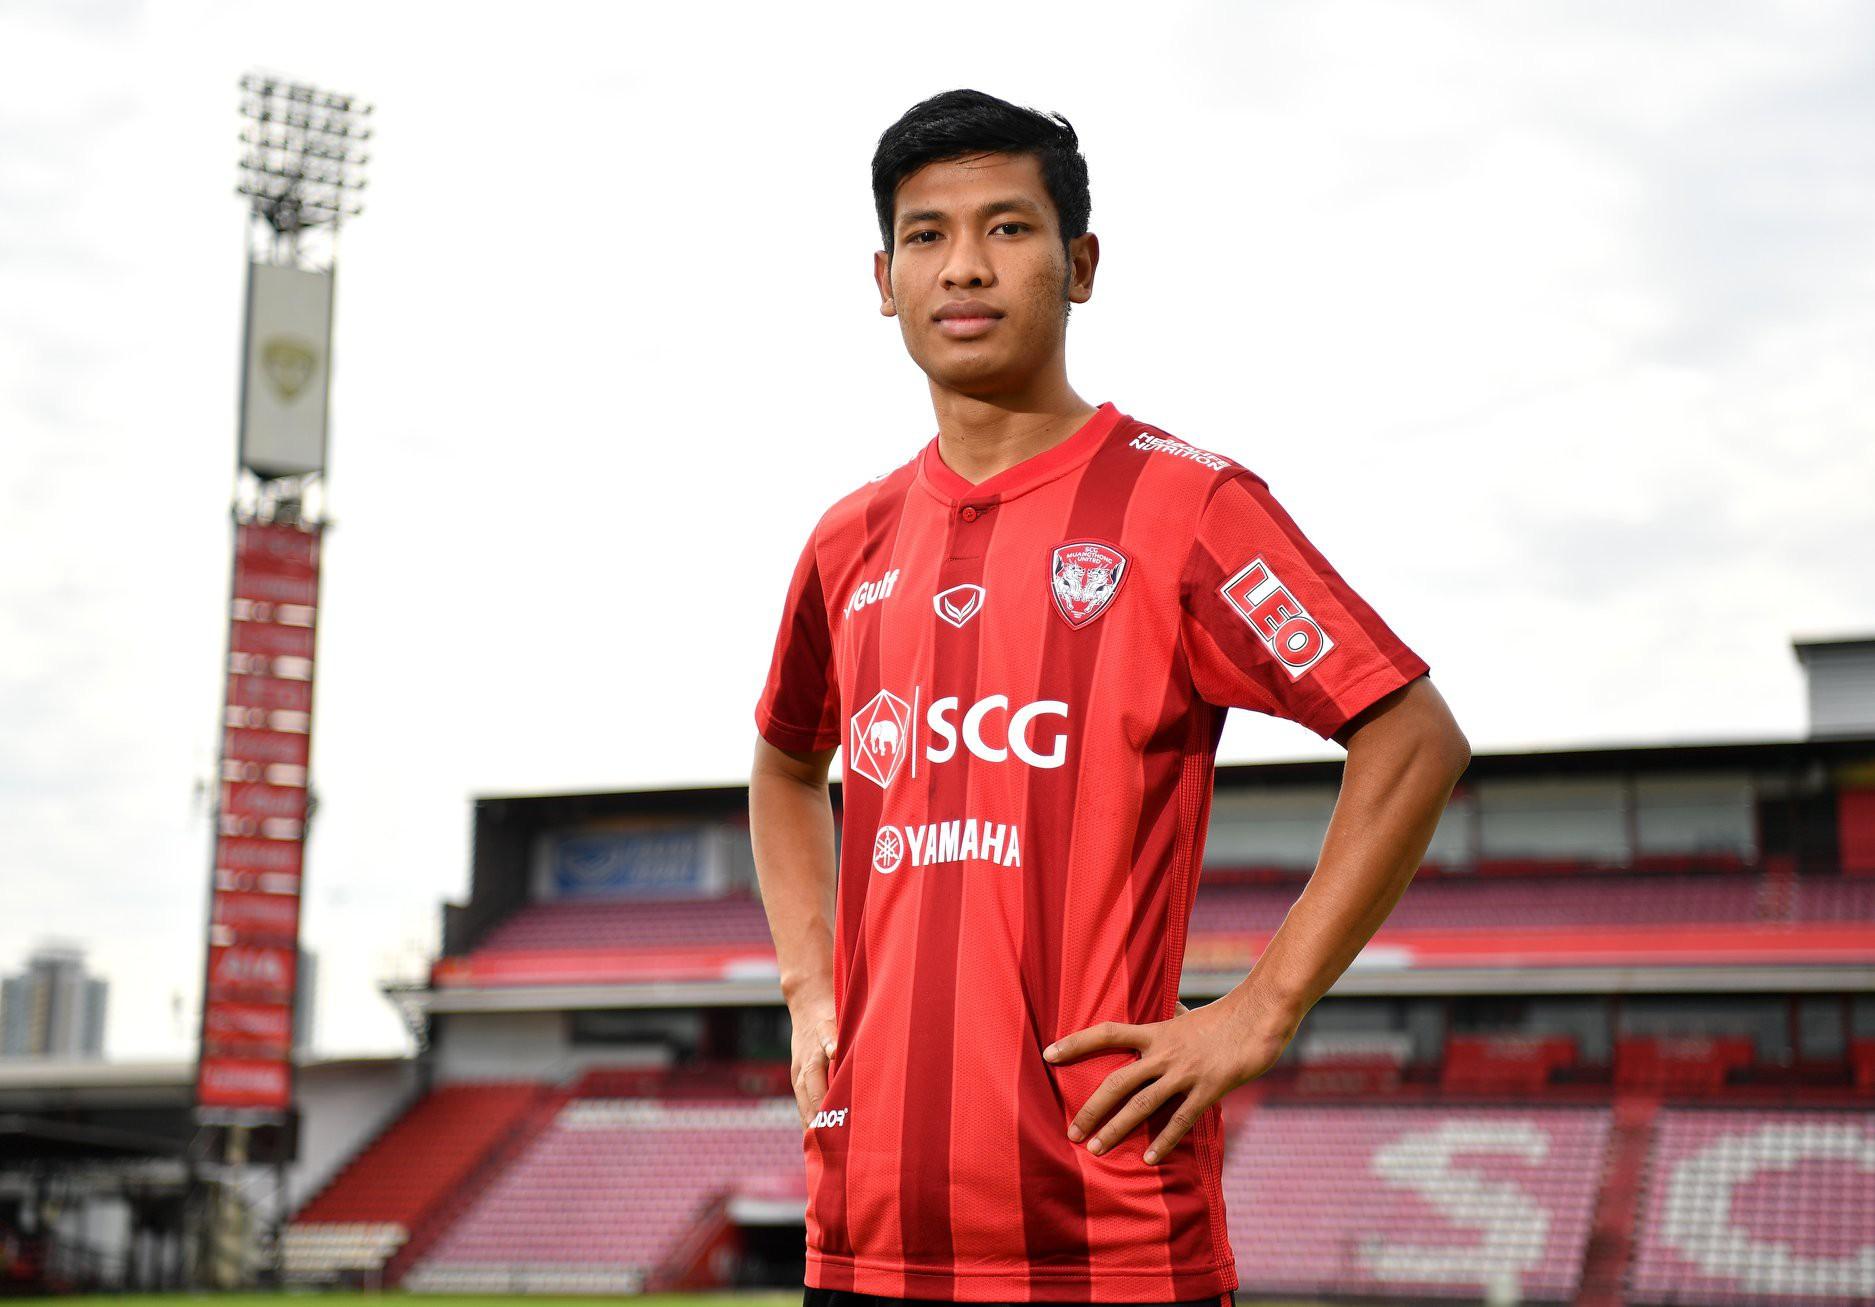 Mọi điều bạn cần biết về Thai League, giải đấu sở hữu sức hút khiến Đặng Văn Lâm không thể cưỡng lại - Ảnh 4.